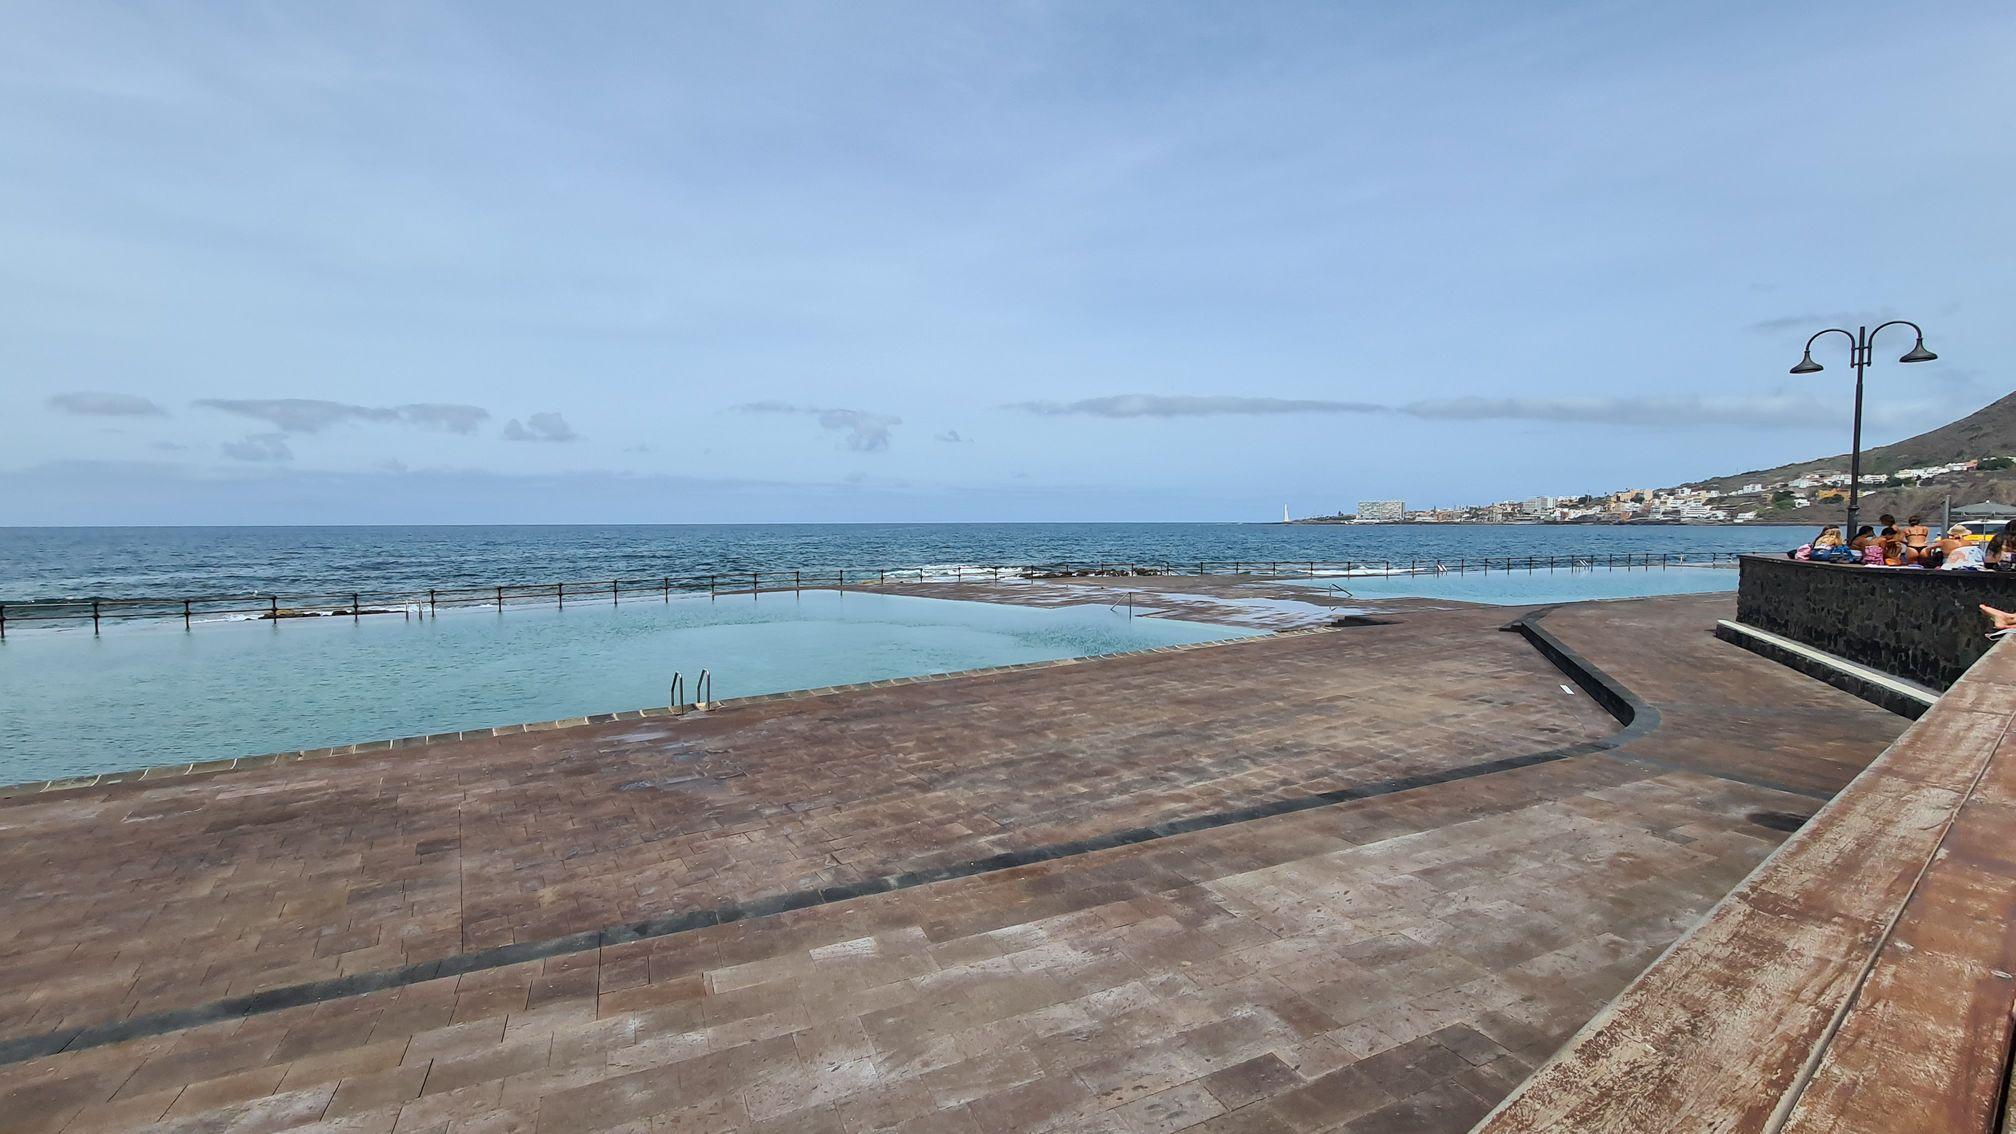 Fare il bagno a Tenerife ai tempi del Covid 19